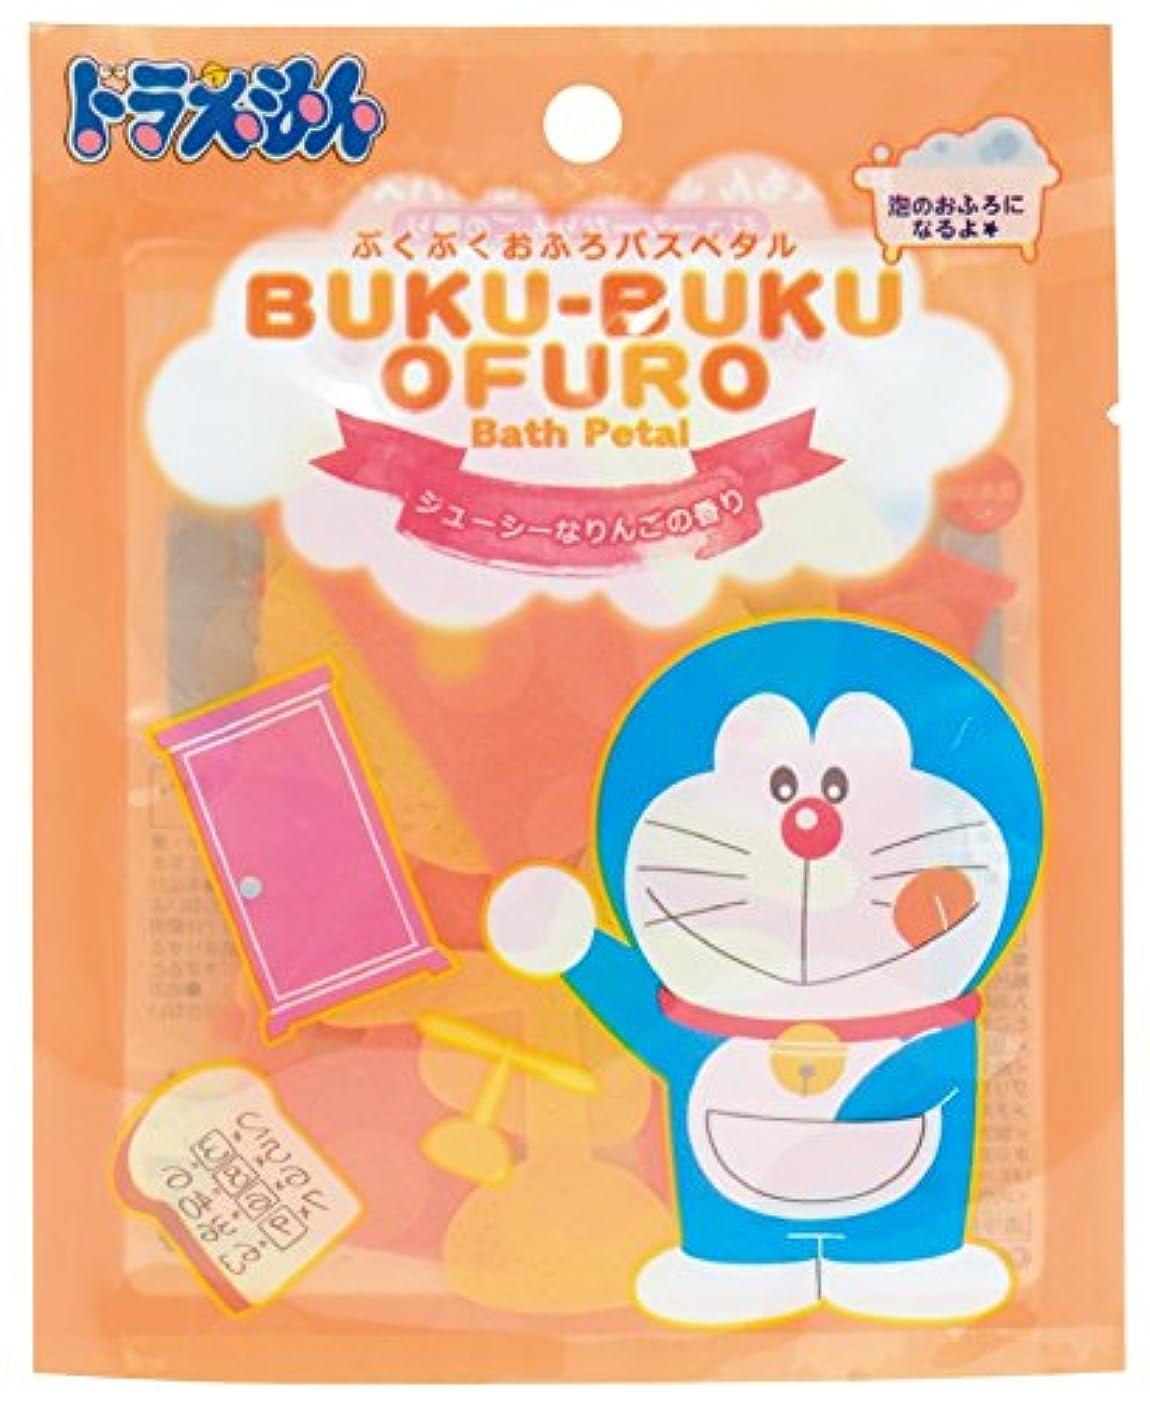 マインドフルプーノマウスピースドラえもん 入浴剤 ぶくぶくおふろ バスペタル りんご の香り ひみつ道具 OB-DOR-1-2